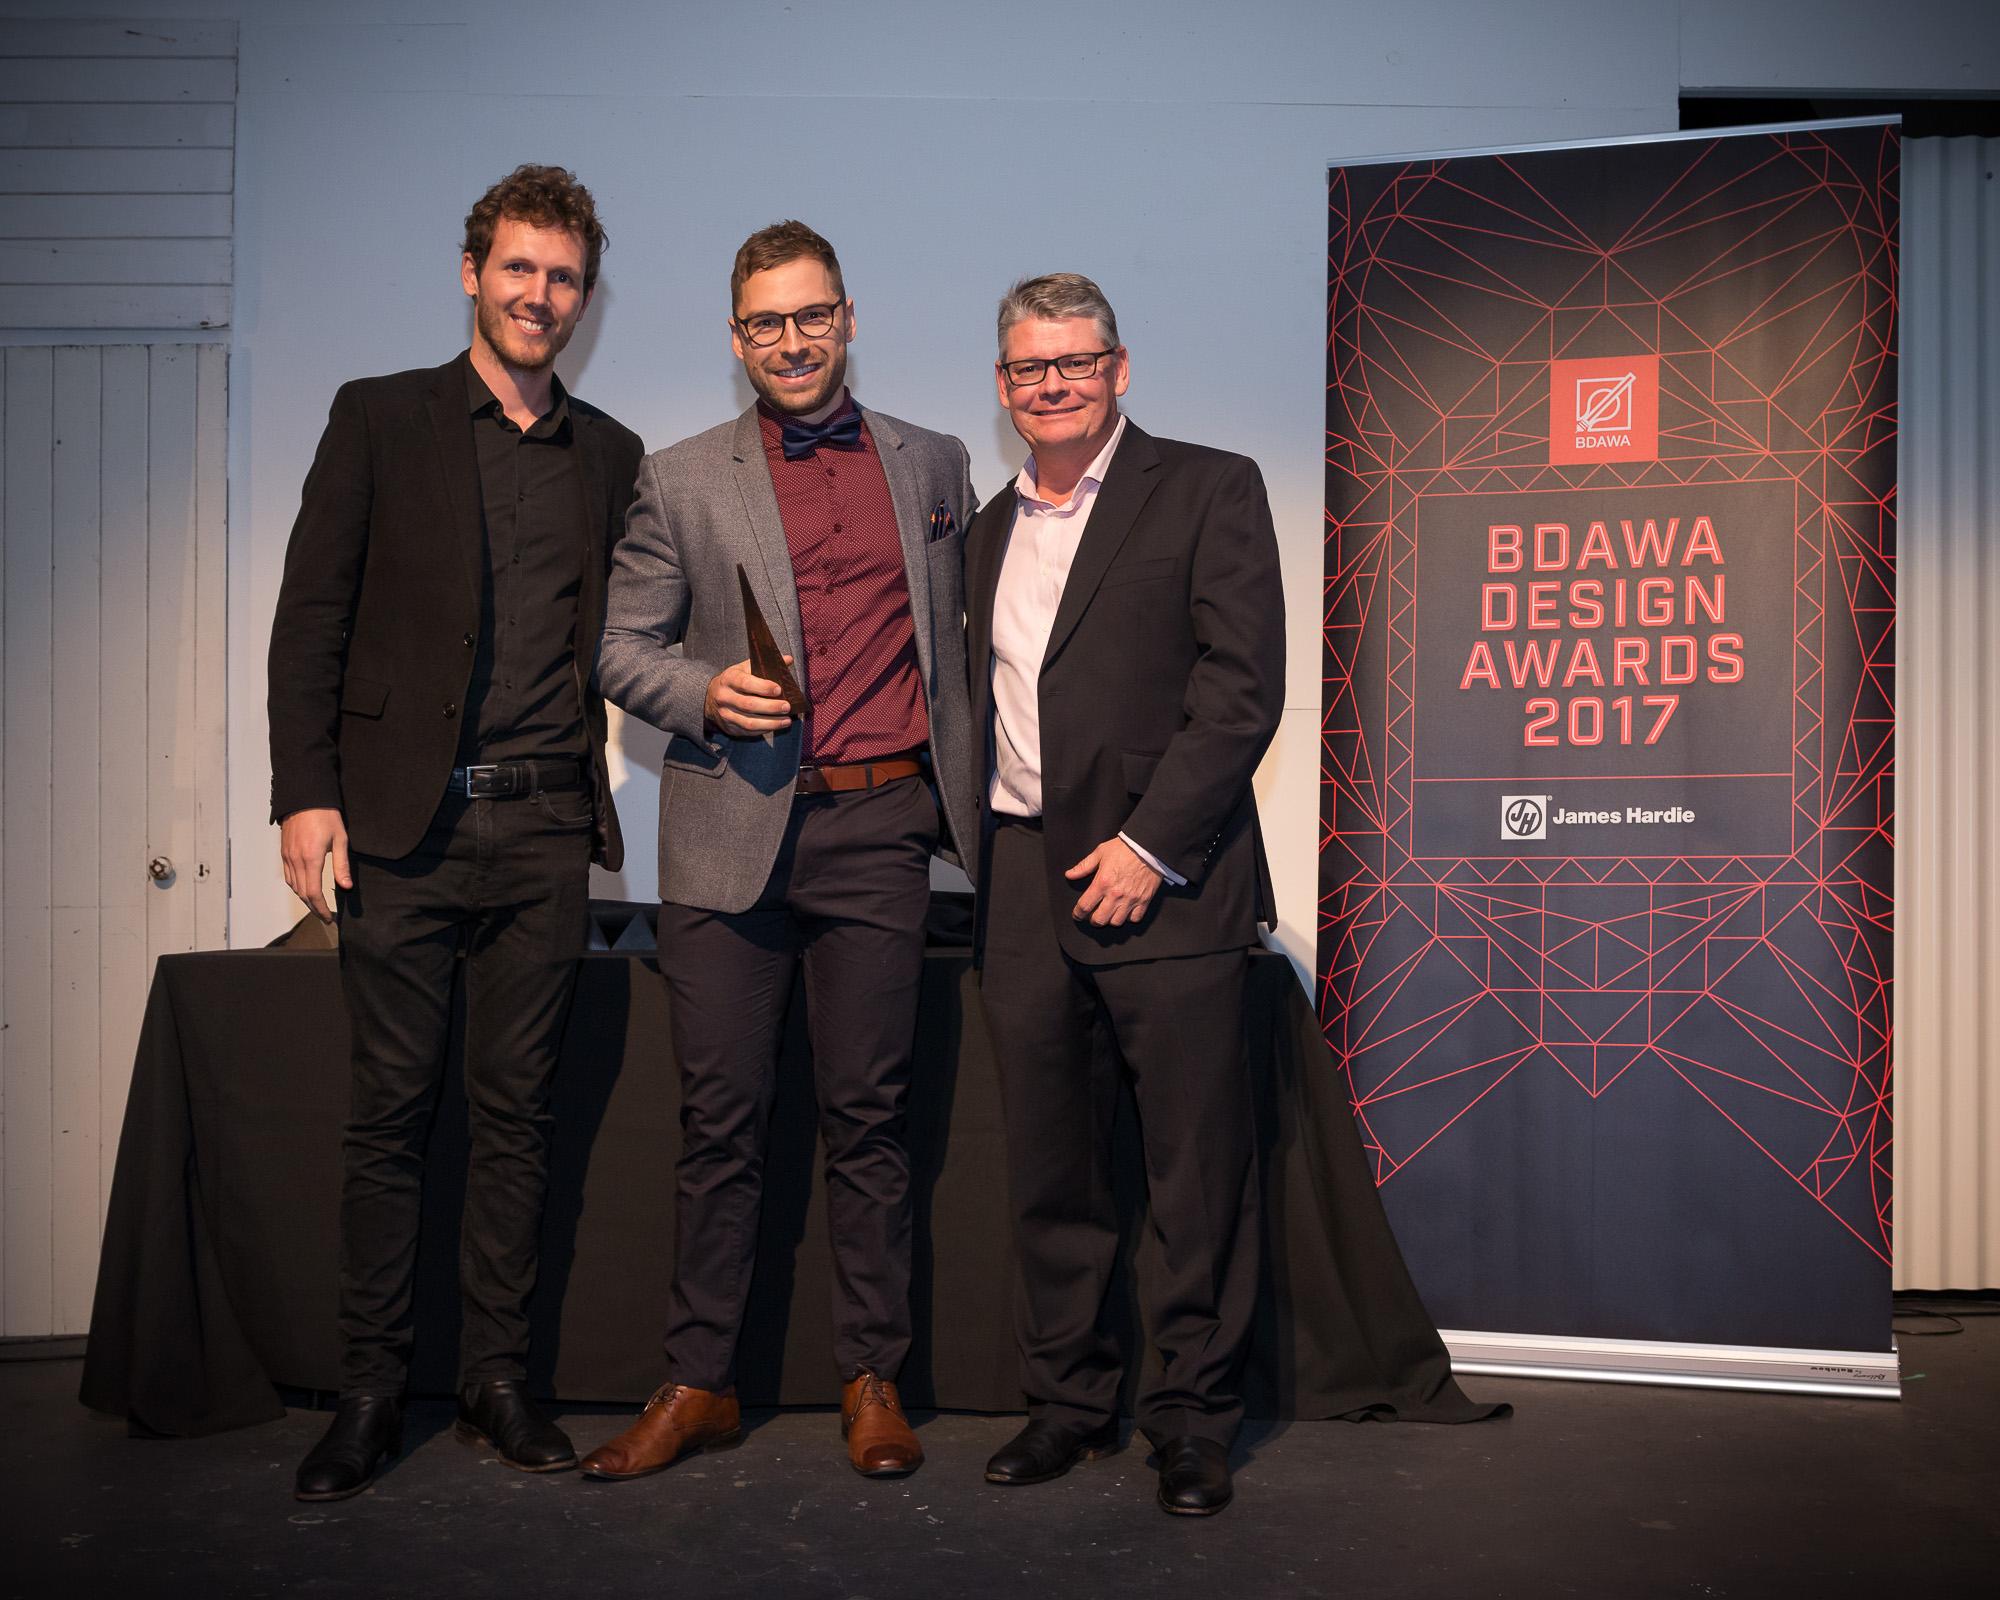 0173 BDA WA Awards 2017 _JHG7449.jpg